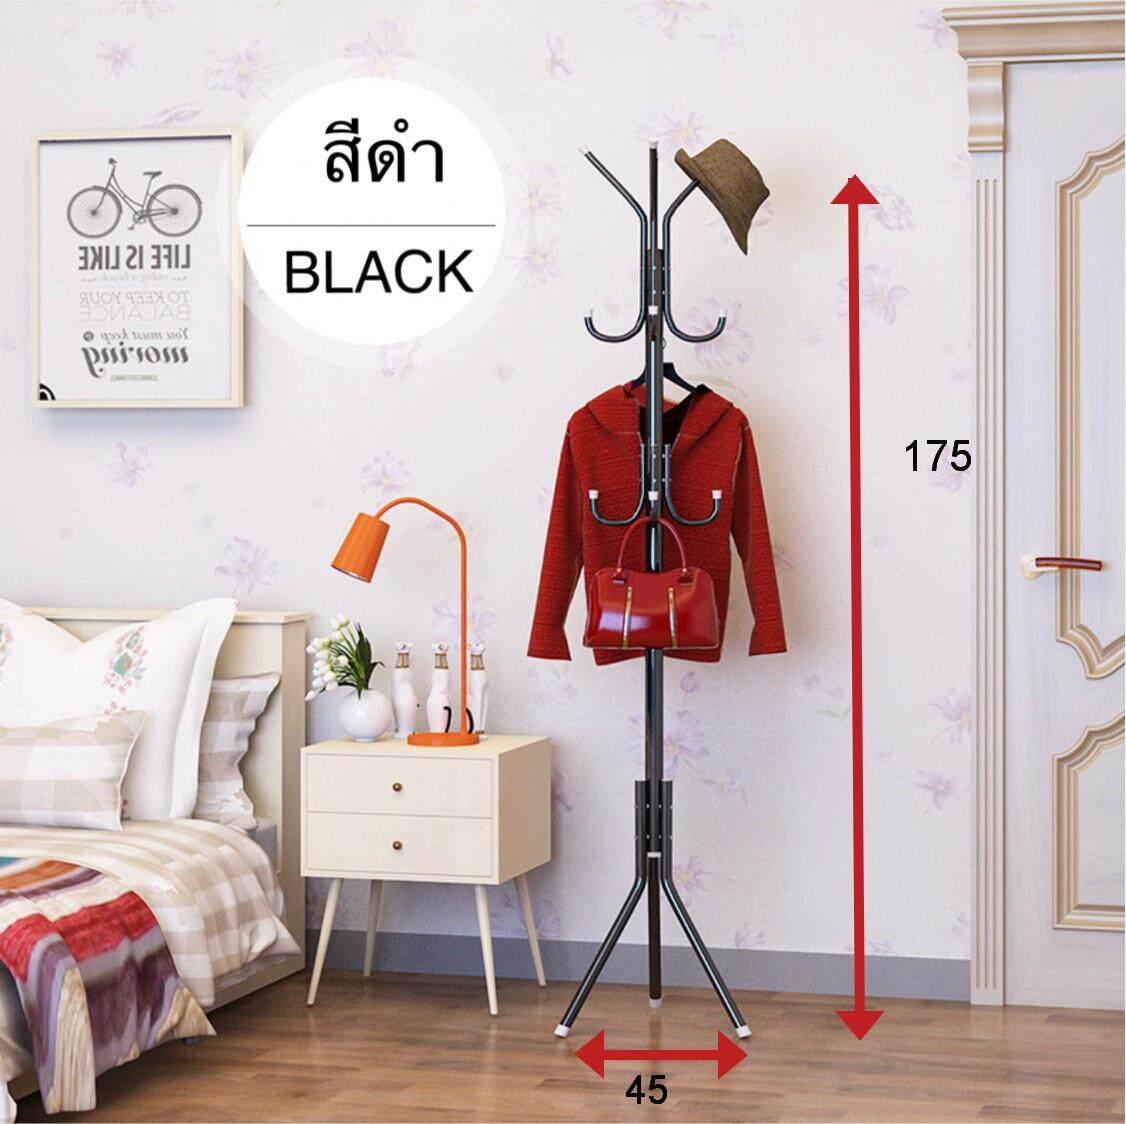 Hommy ราวแขวนอเนกประสงค์ ที่แขวนหมวกและเสื้อ ที่แขวนเสื้อผ้า ที่แขวนกระเป๋า ราวตากผ้าโค๊ท 3ชั้น Coat Rack - สีดำ Y - 7 By Hommy Home.